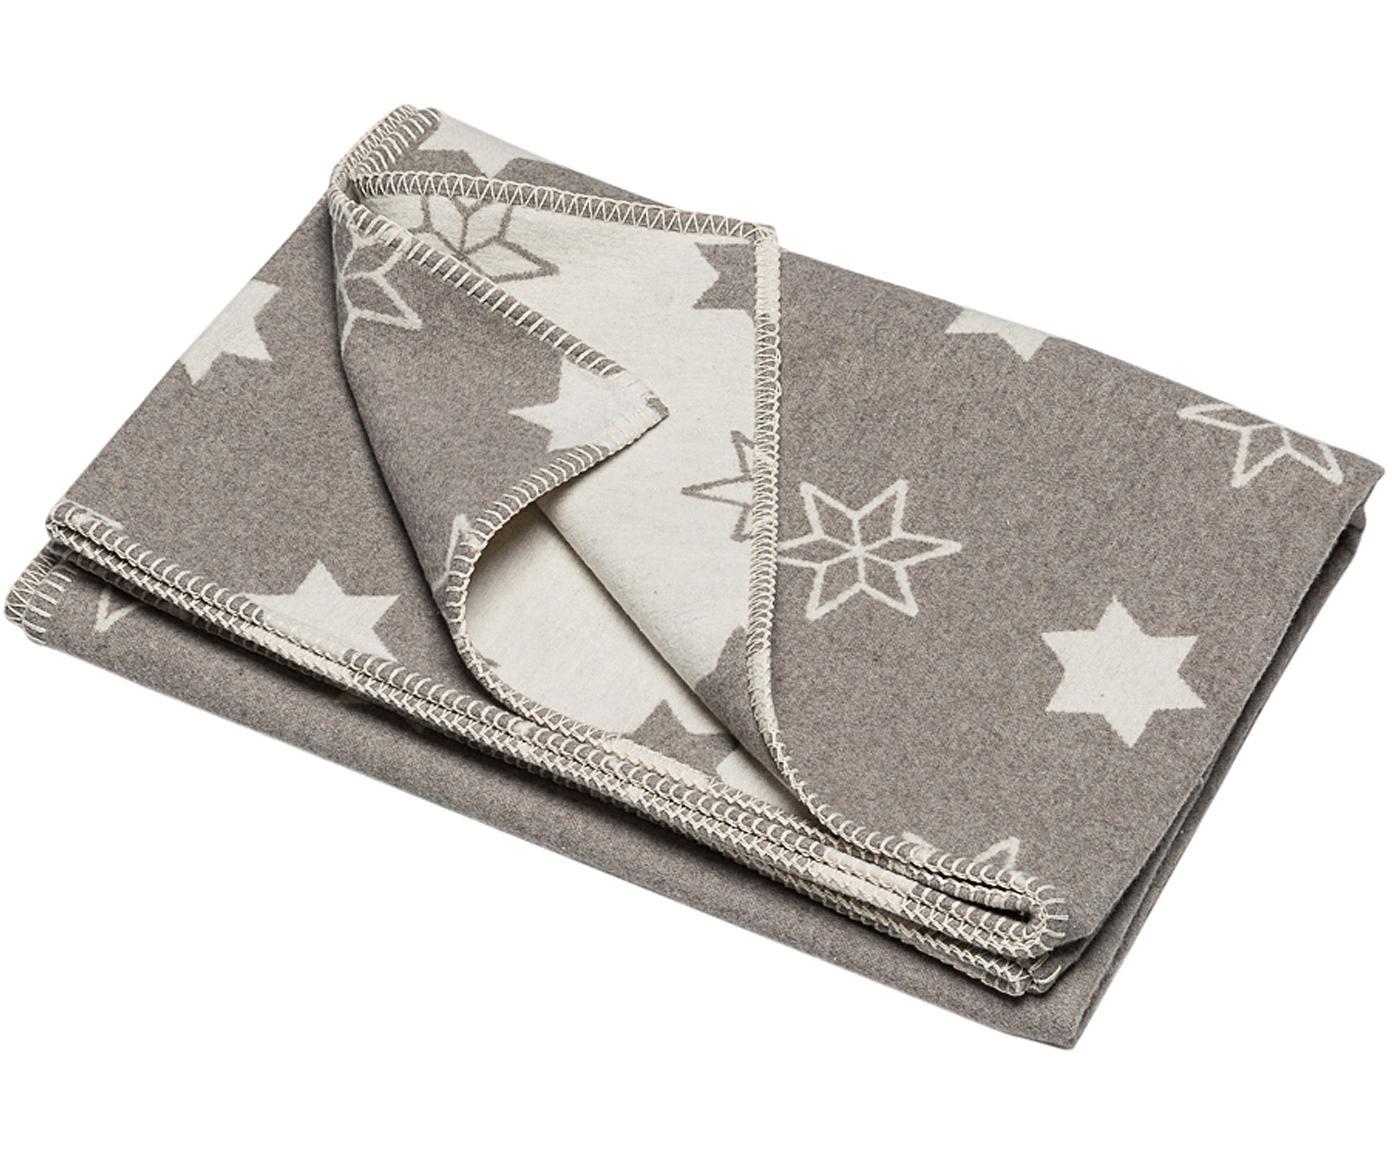 Plaid Star mit Sternen, Bezug: 85% Baumwolle, 8% Viskose, Grau, Beige, 140 x 200 cm